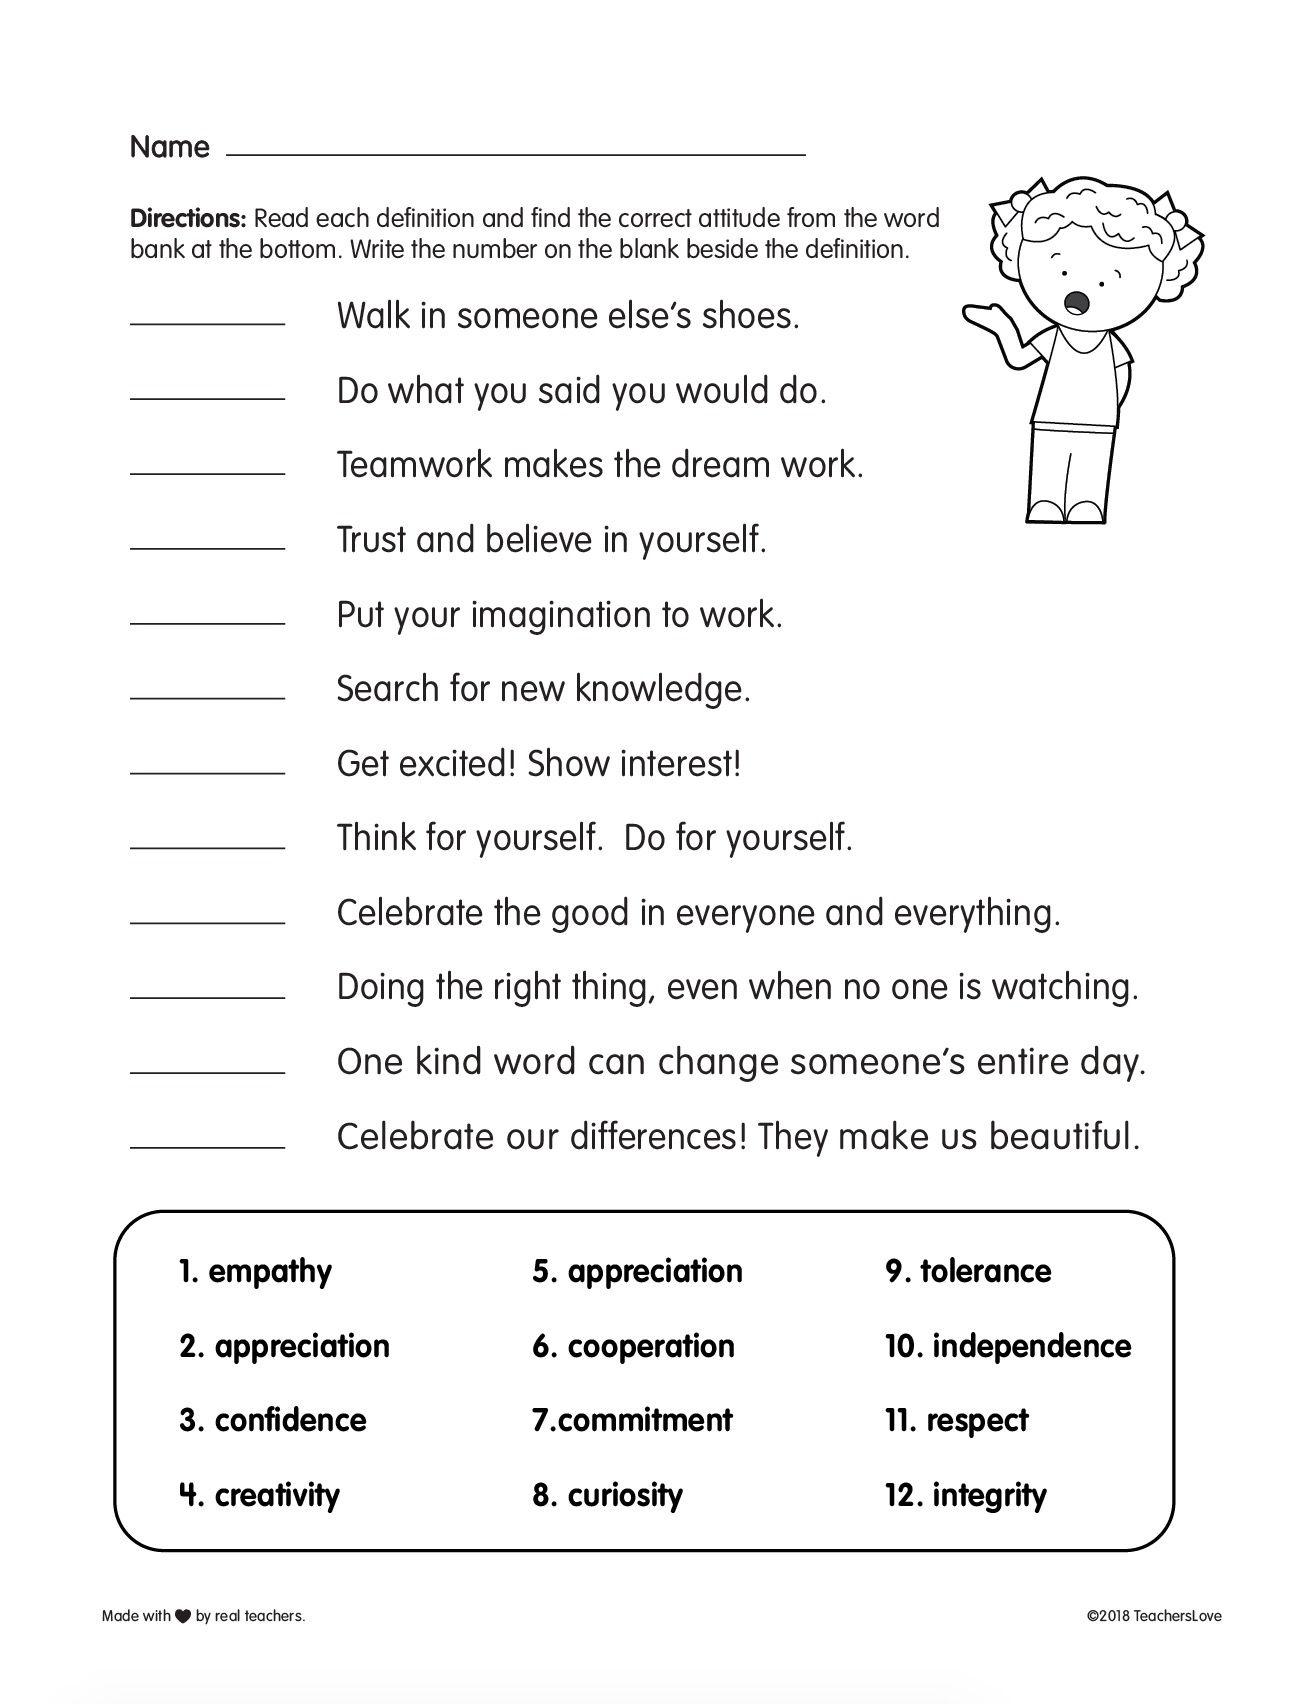 Pin On Teacherslove Classroom Activities